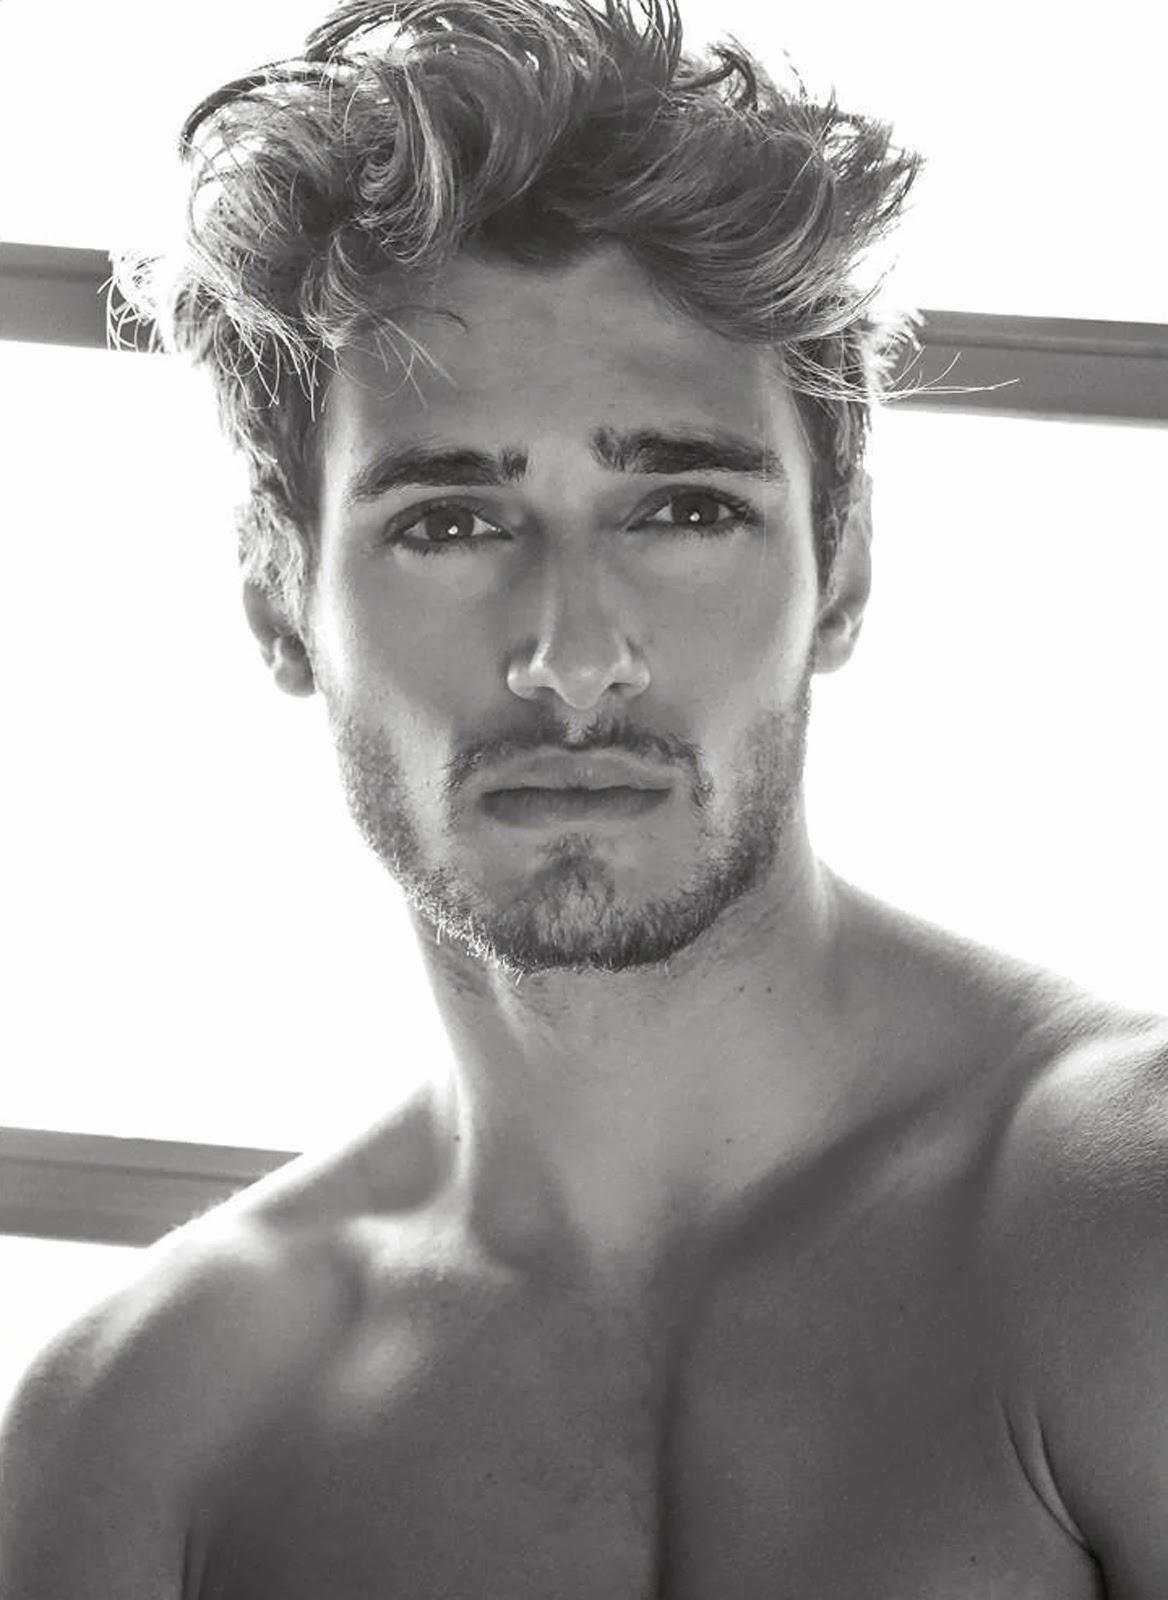 Modelwerk Blog Exclusive Male Model Scene Portrait